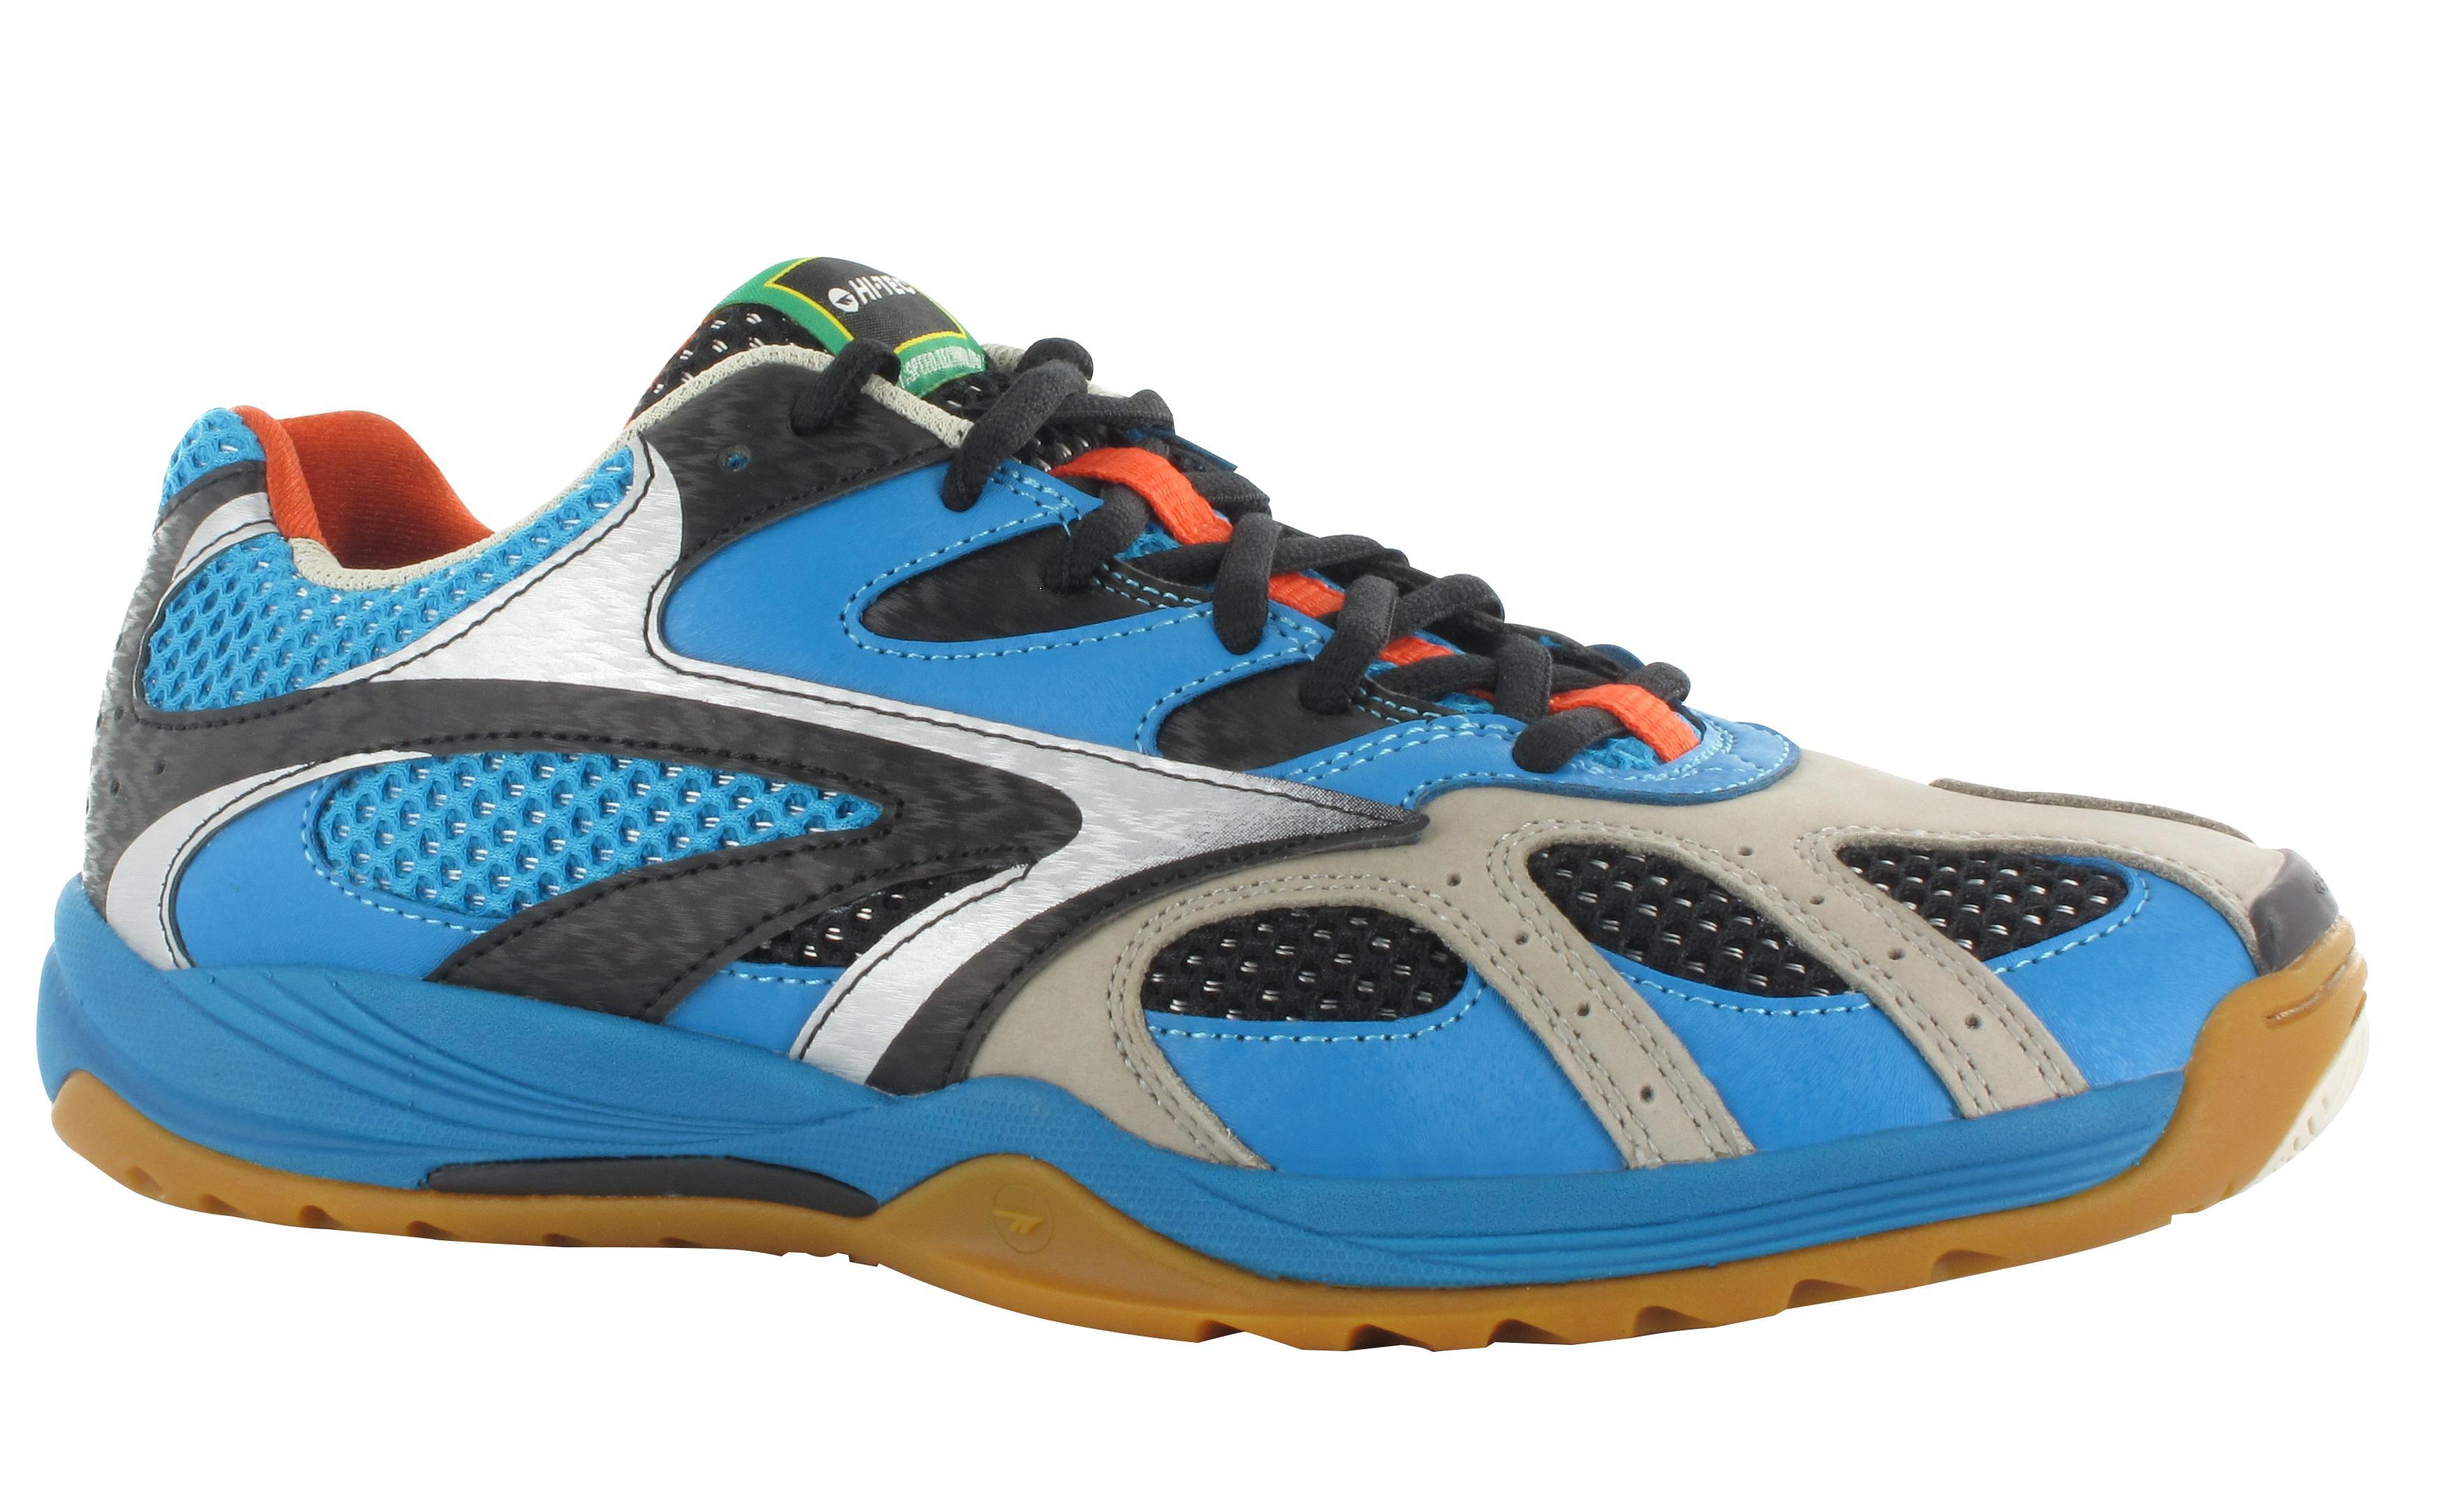 9765a77560c3 HI-TEC AD PRO Elite Men s Squash Shoes (Blue) - Nick Matthews - Just ...